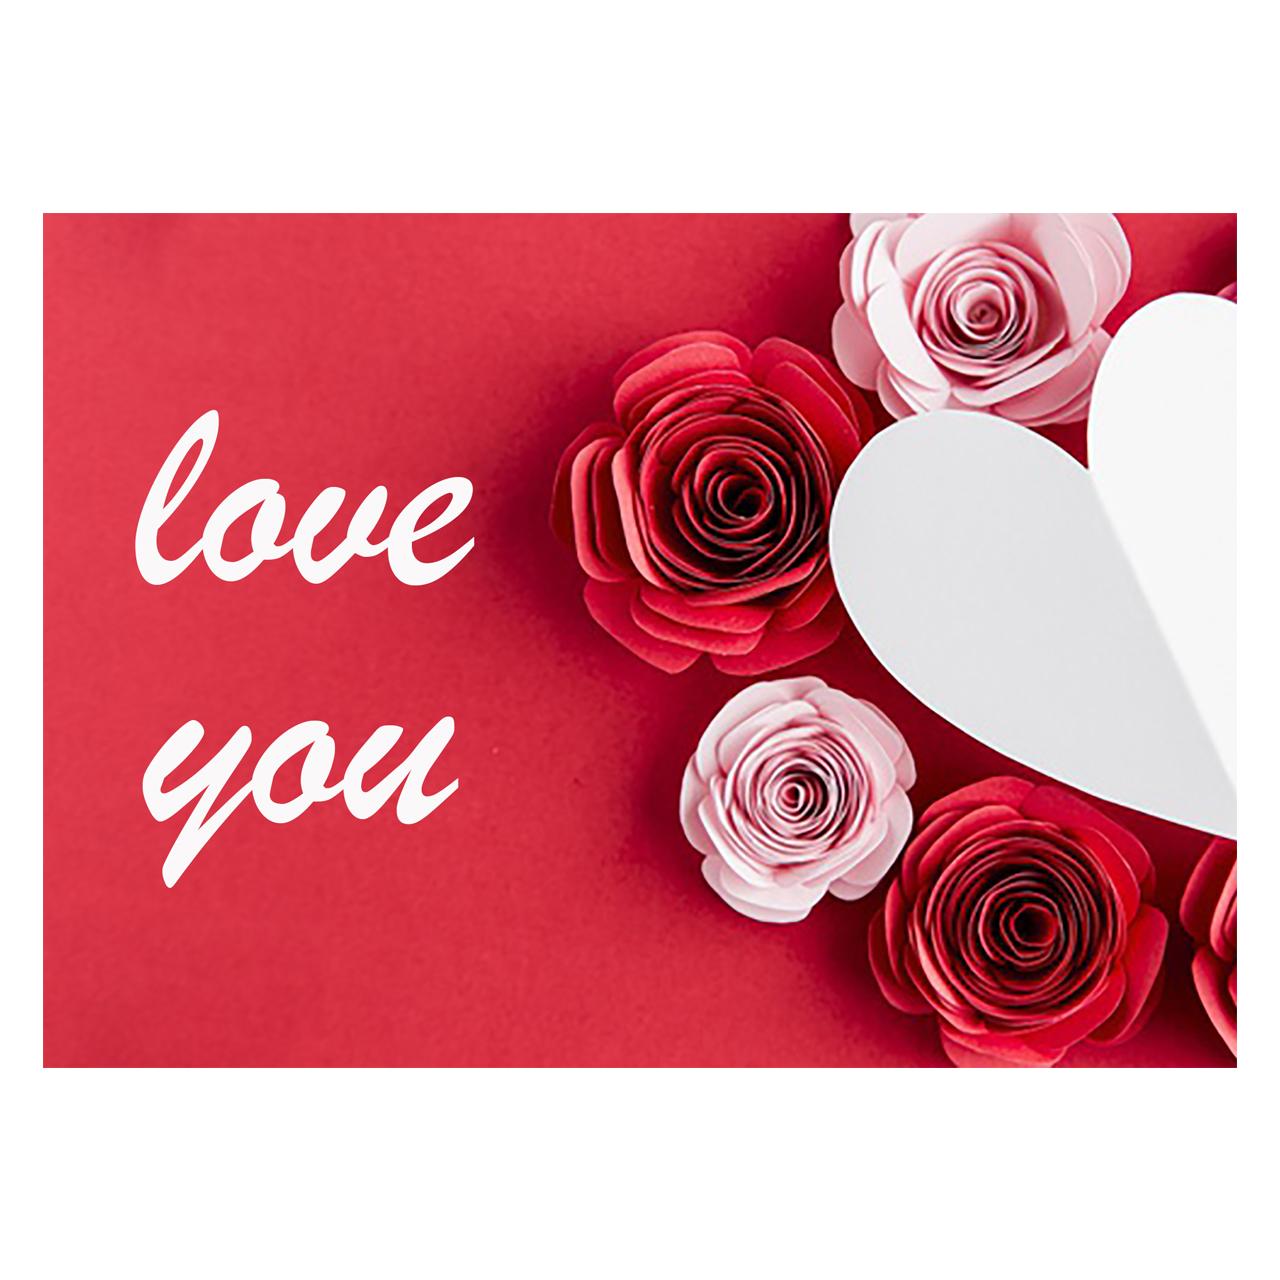 کارت پستال ماهتاب طرح love عشق کد 1903